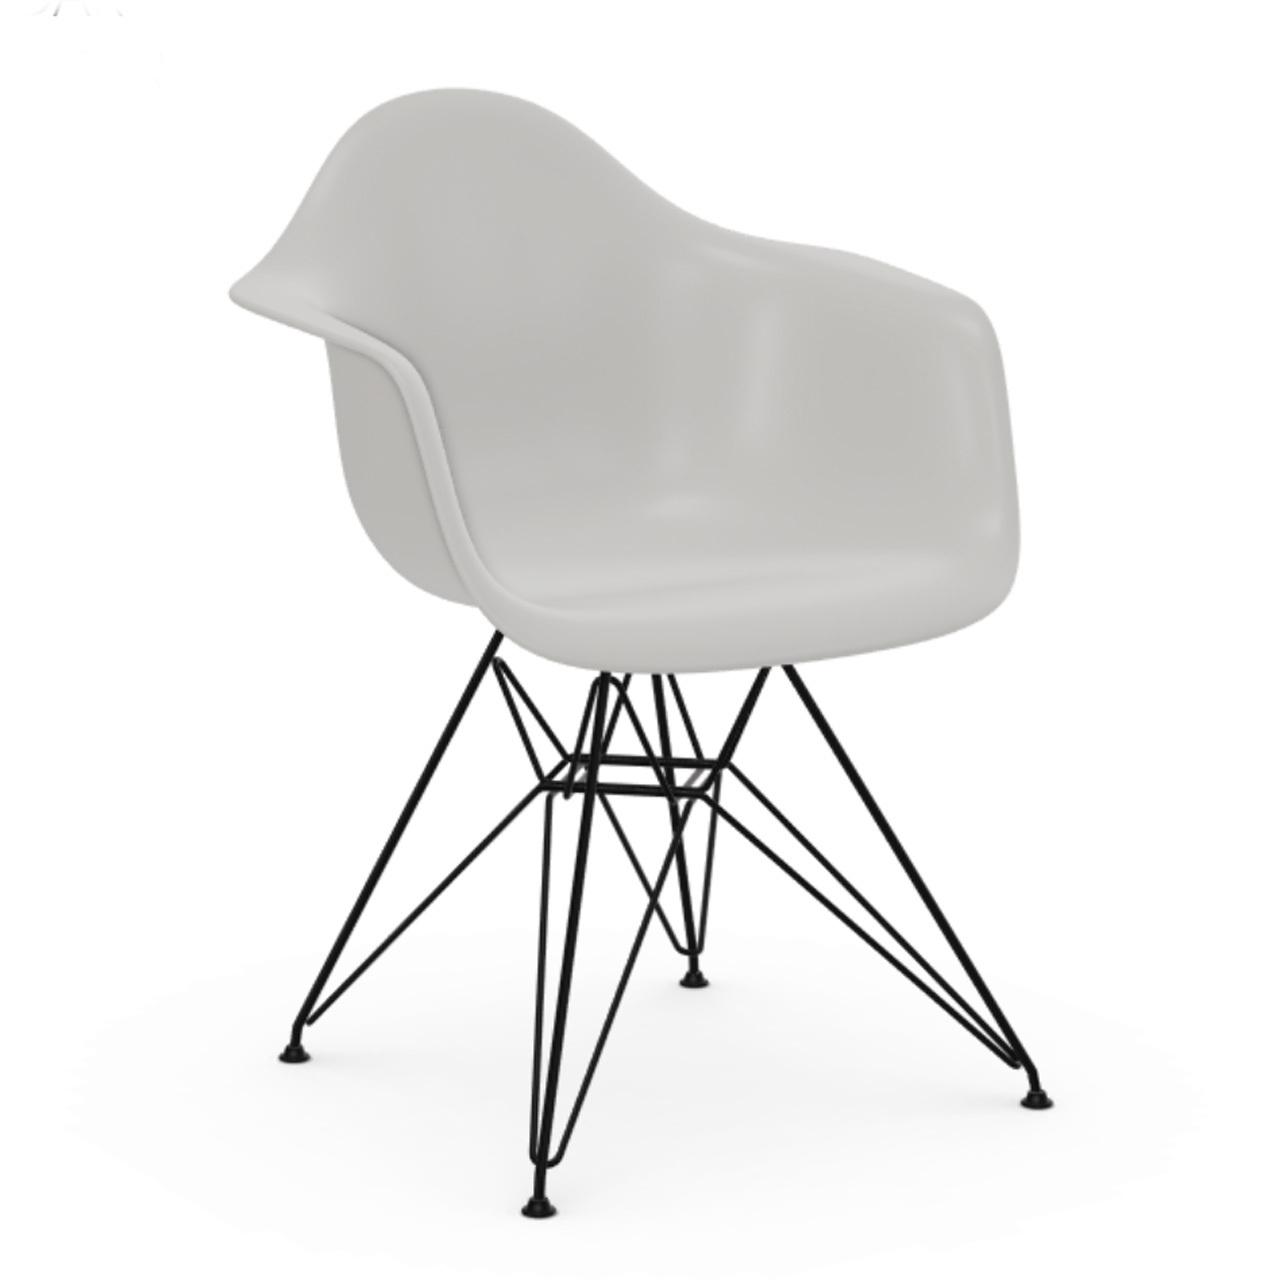 Vitra Eames Plastic Armchair ohne Polster  Drahtuntergestell basic dark pulverbeschichtet / 30,  Weiss / 04,  Schwarzer Gleiter für Teppichböden